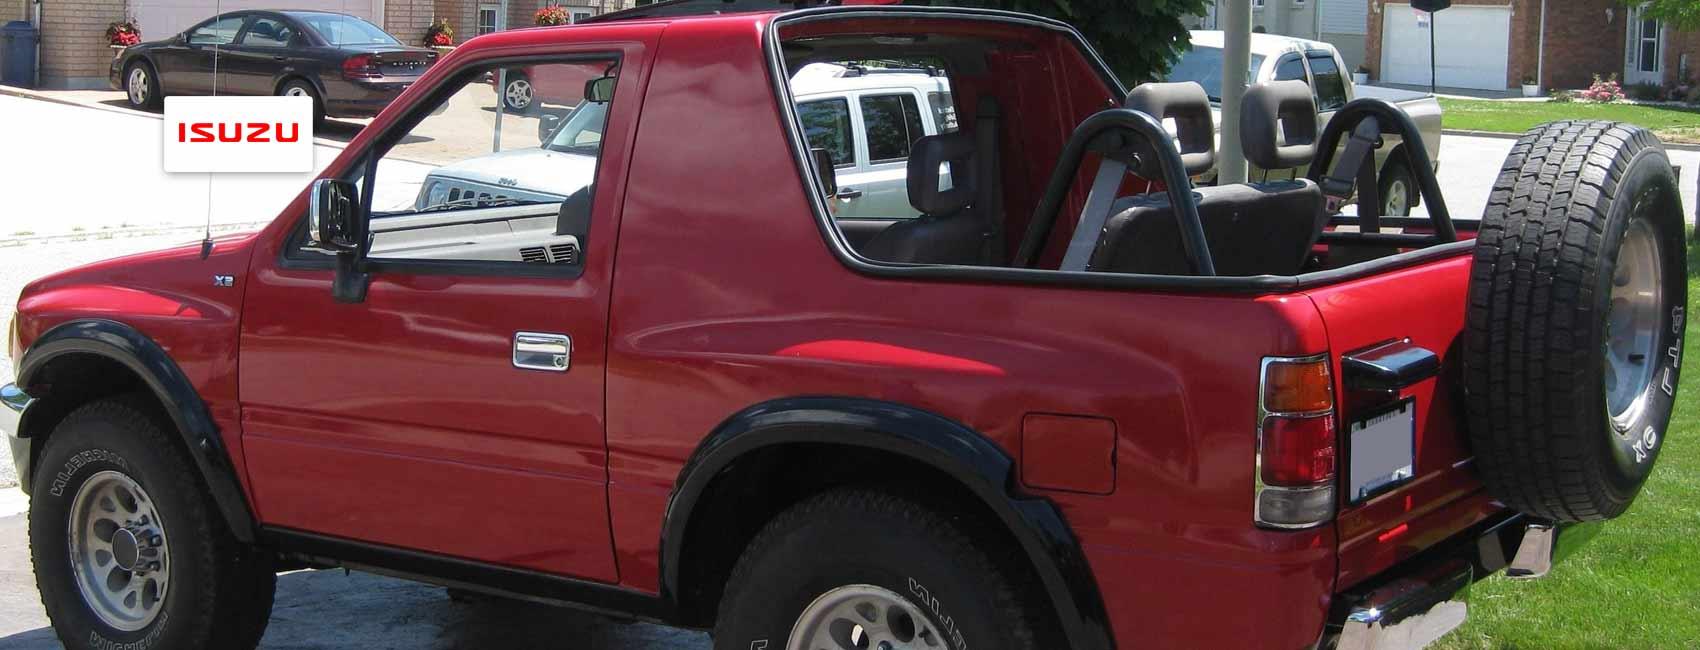 Isuzu Amigo Parts Buy Used Isuzu Amigo Parts Online Best Price